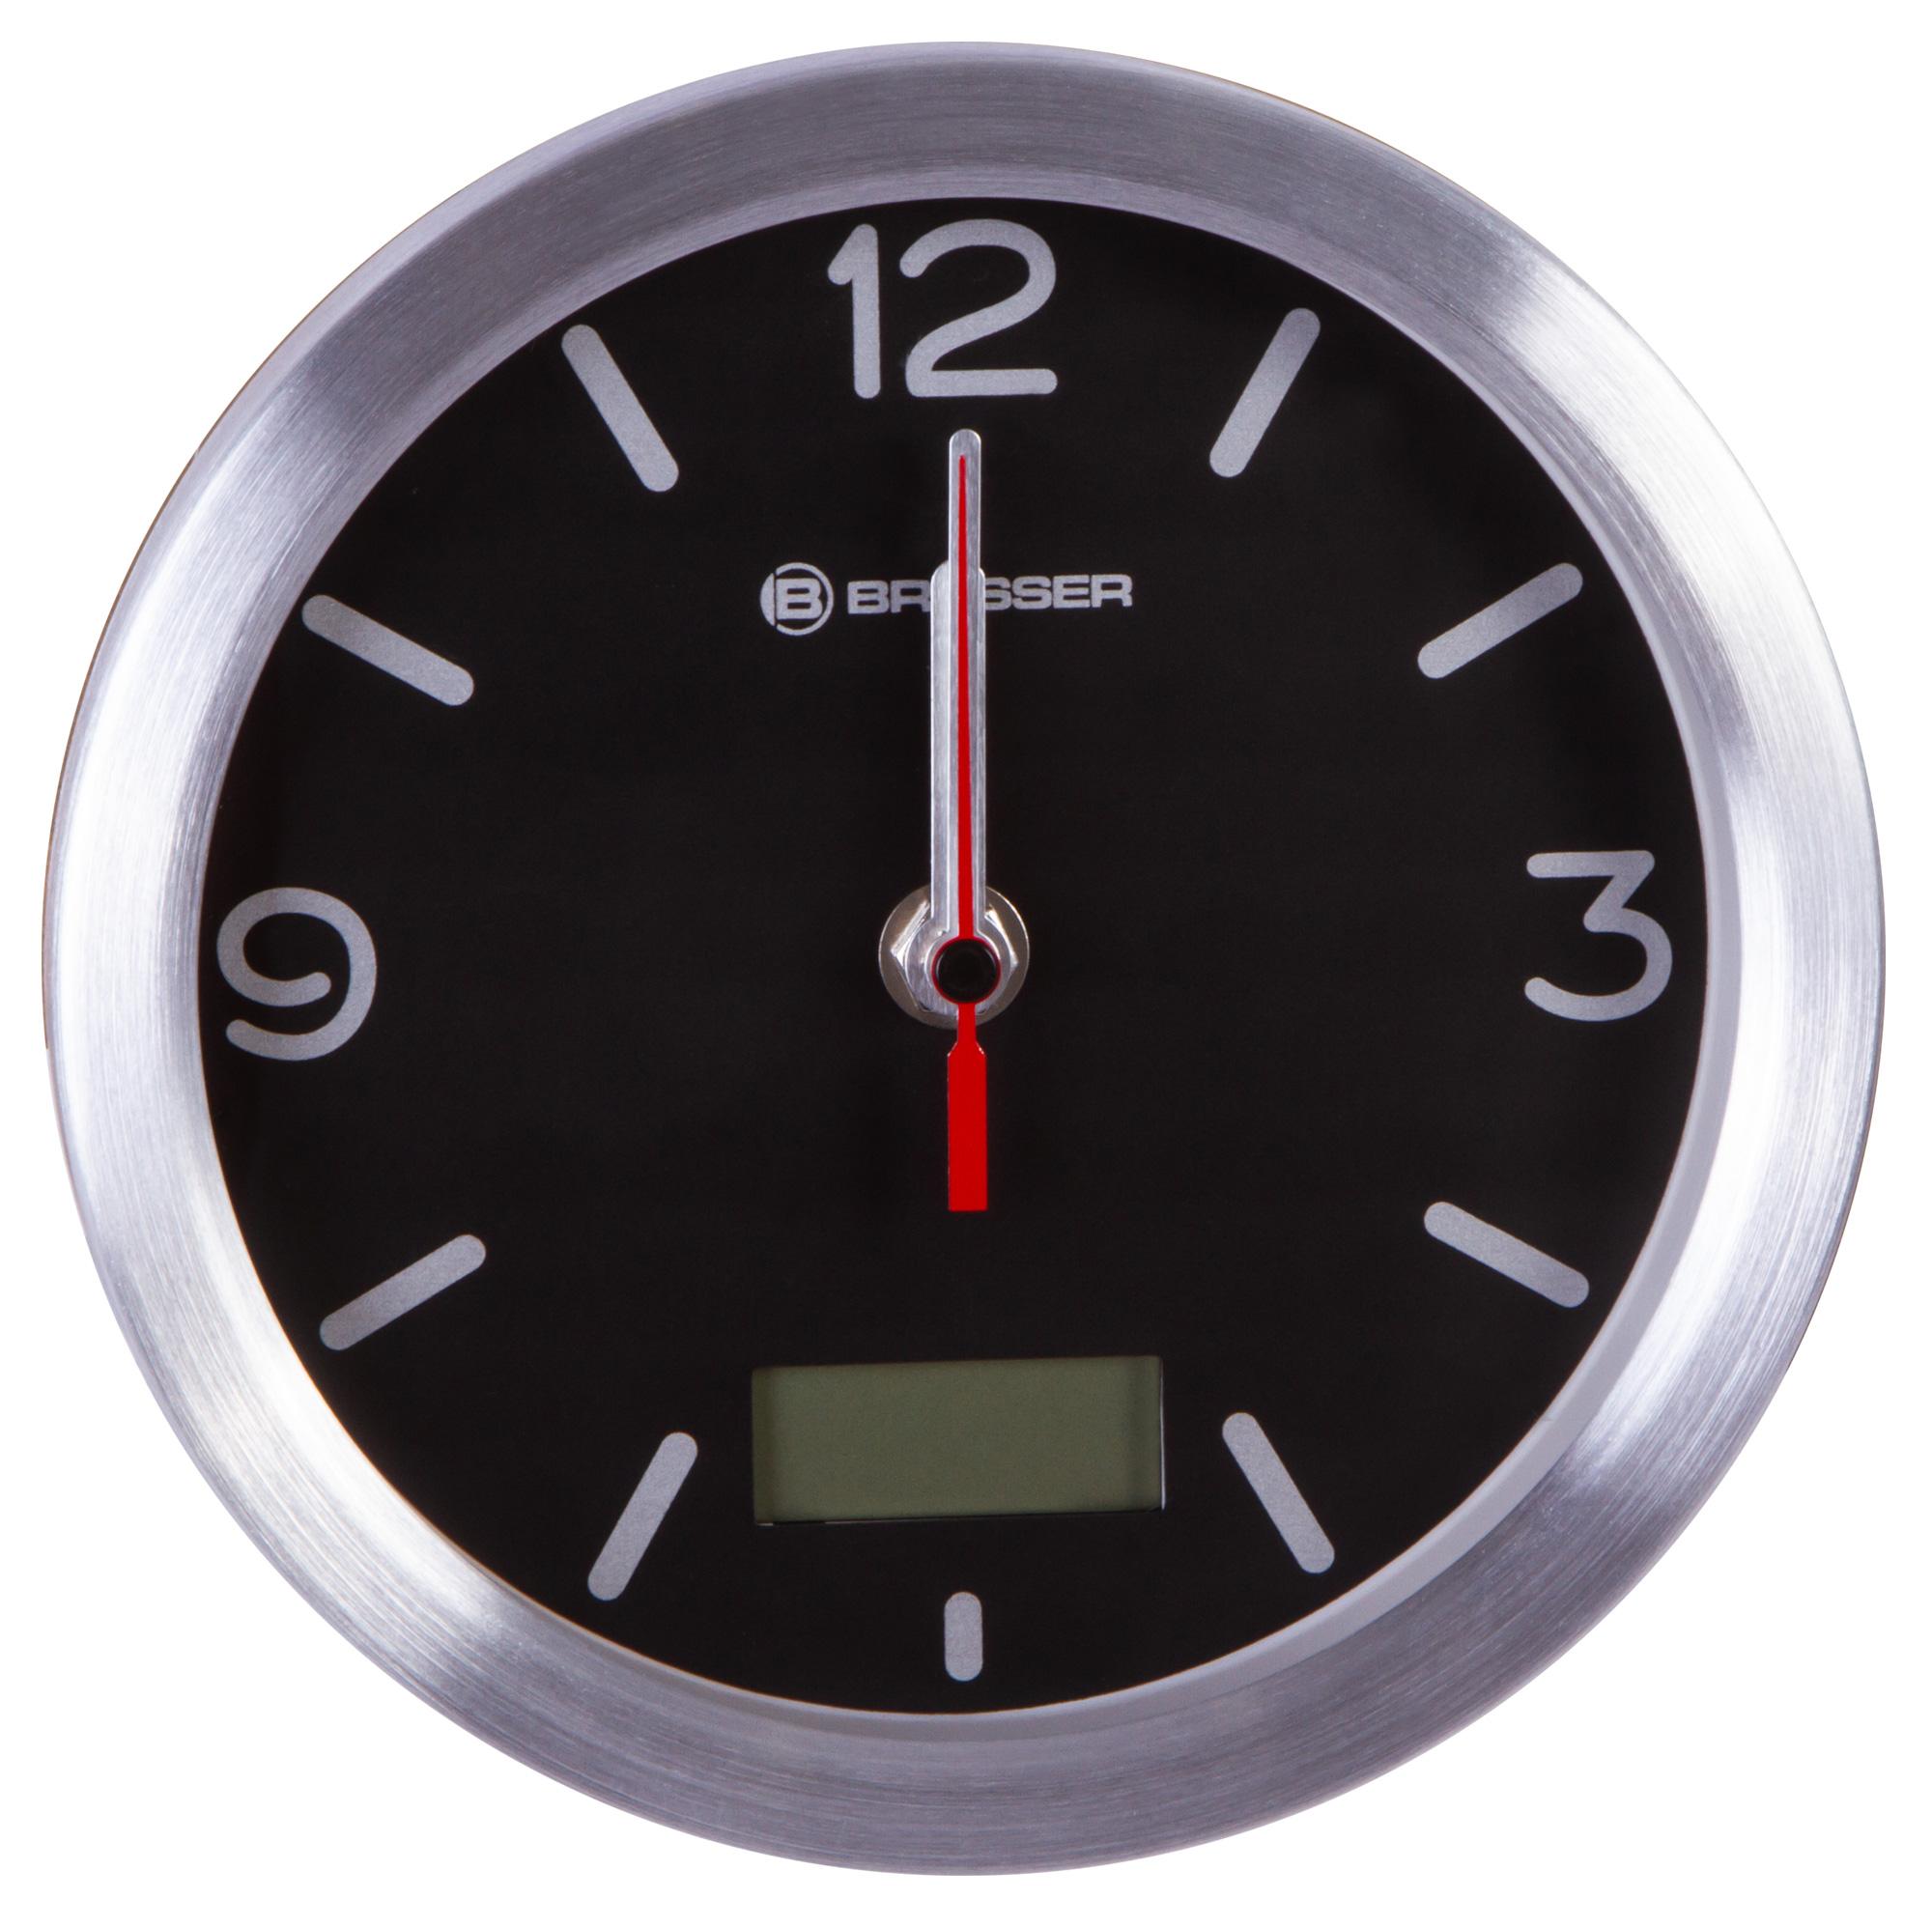 Картинка для Часы Bresser (Брессер) MyTime Bath RC, водонепроницаемые, черные